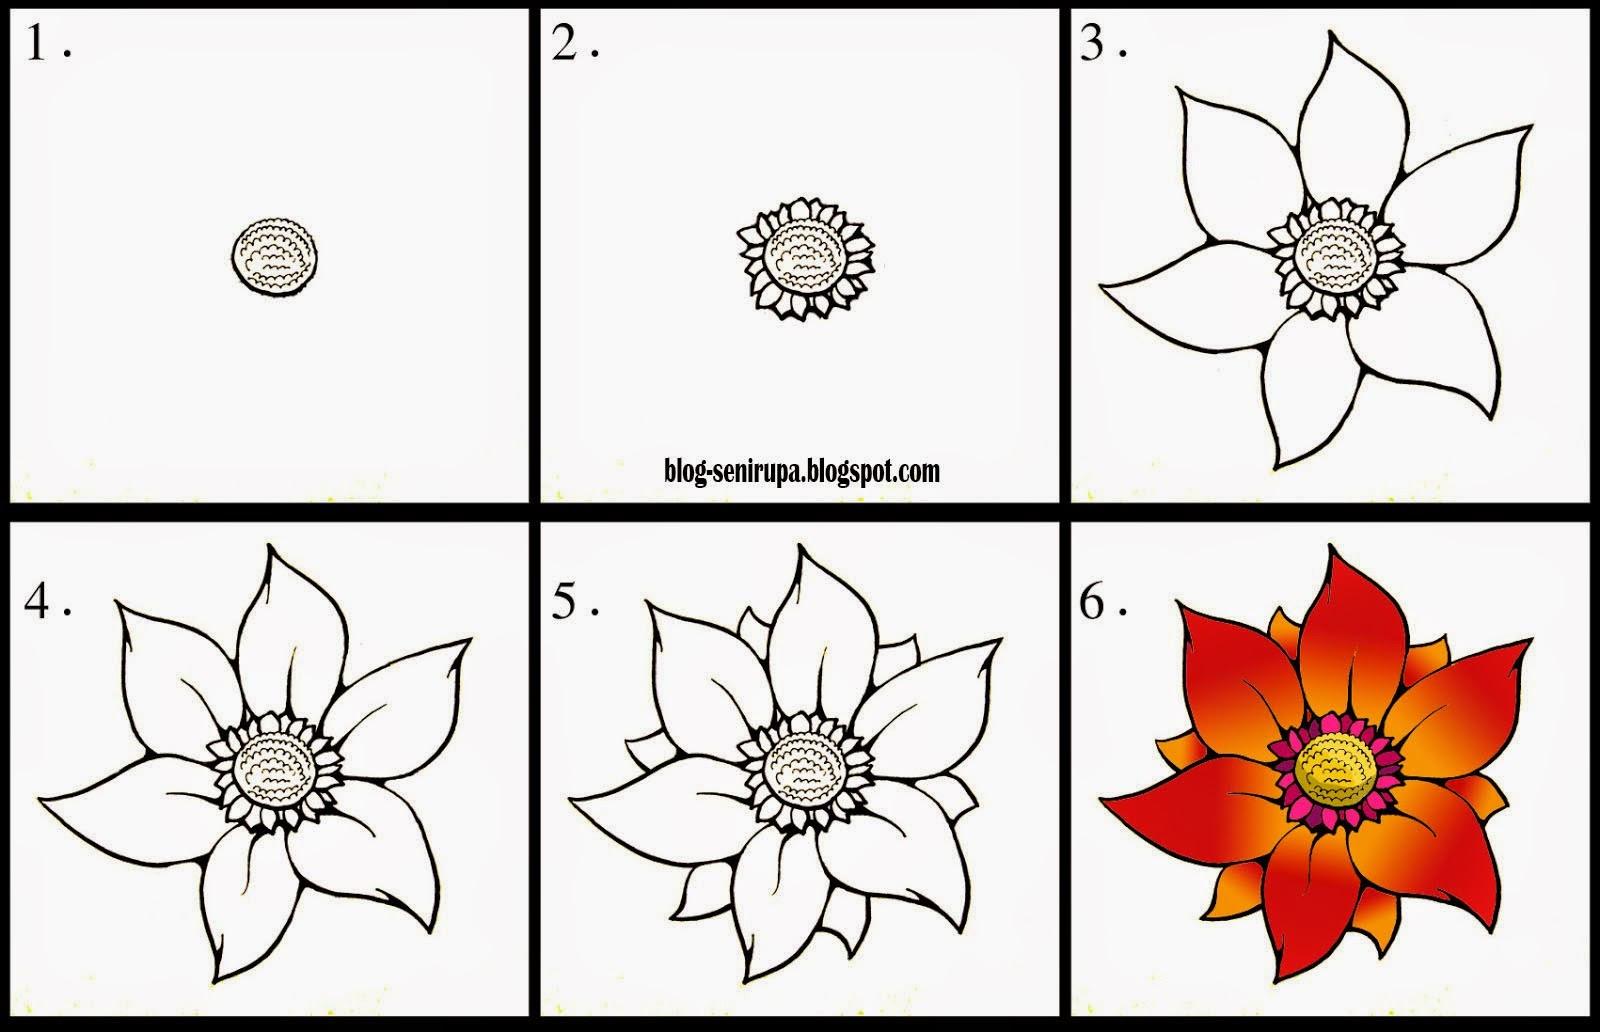 Gambar 24 Gambar Sketsa Bunga Pensil Mudah Dibuat Contoh Ditiru Di